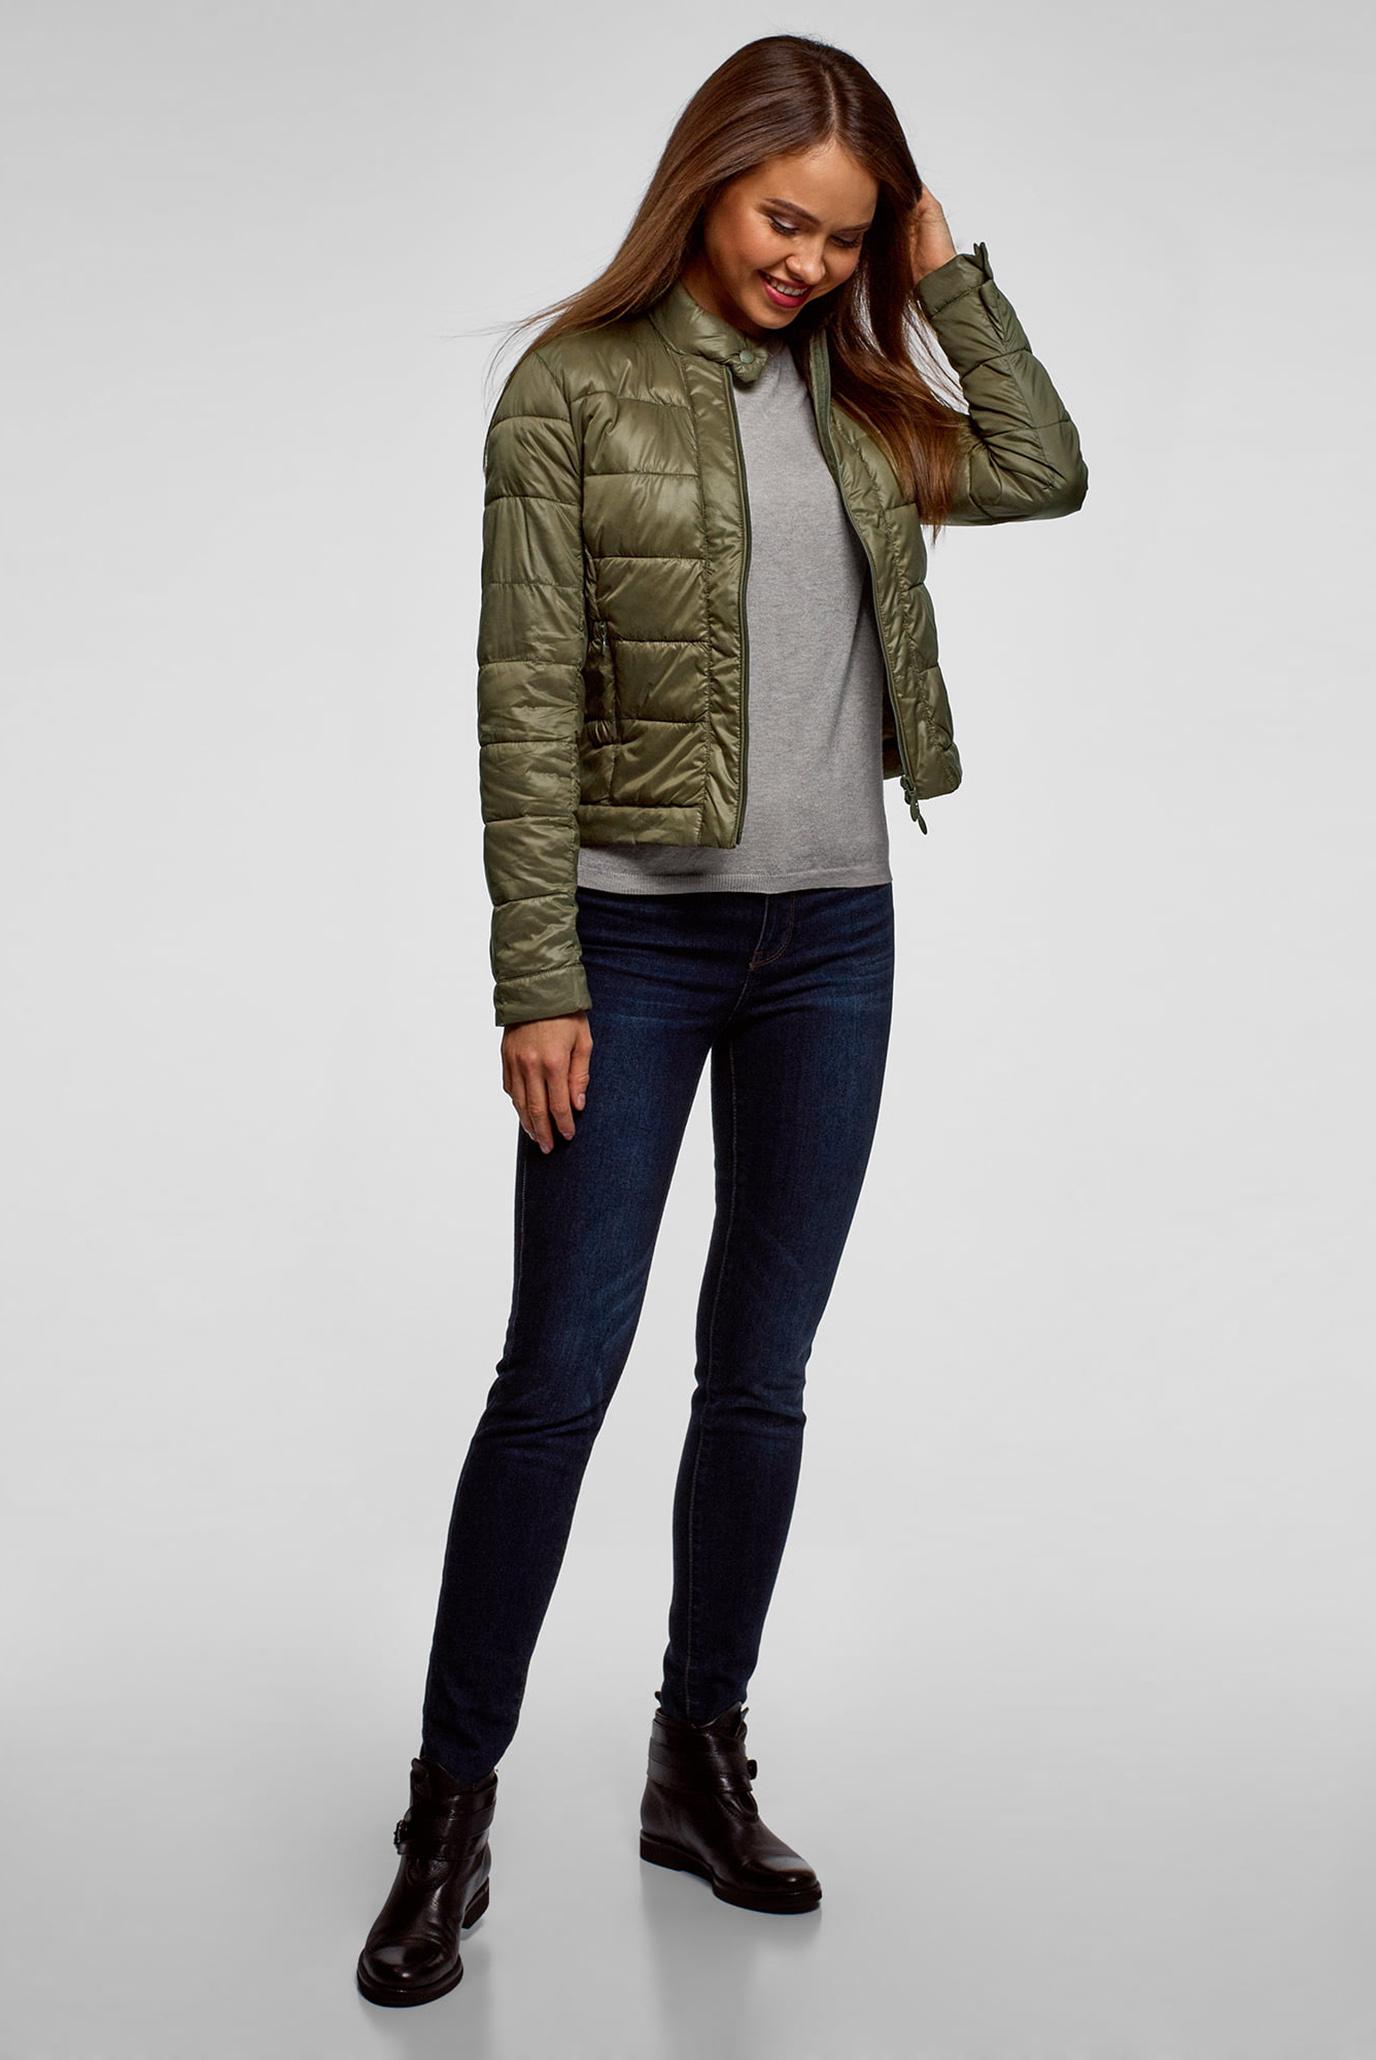 Купить Женская оливковая куртка Oodji Oodji 10203038-5B/33445/6801N – Киев, Украина. Цены в интернет магазине MD Fashion